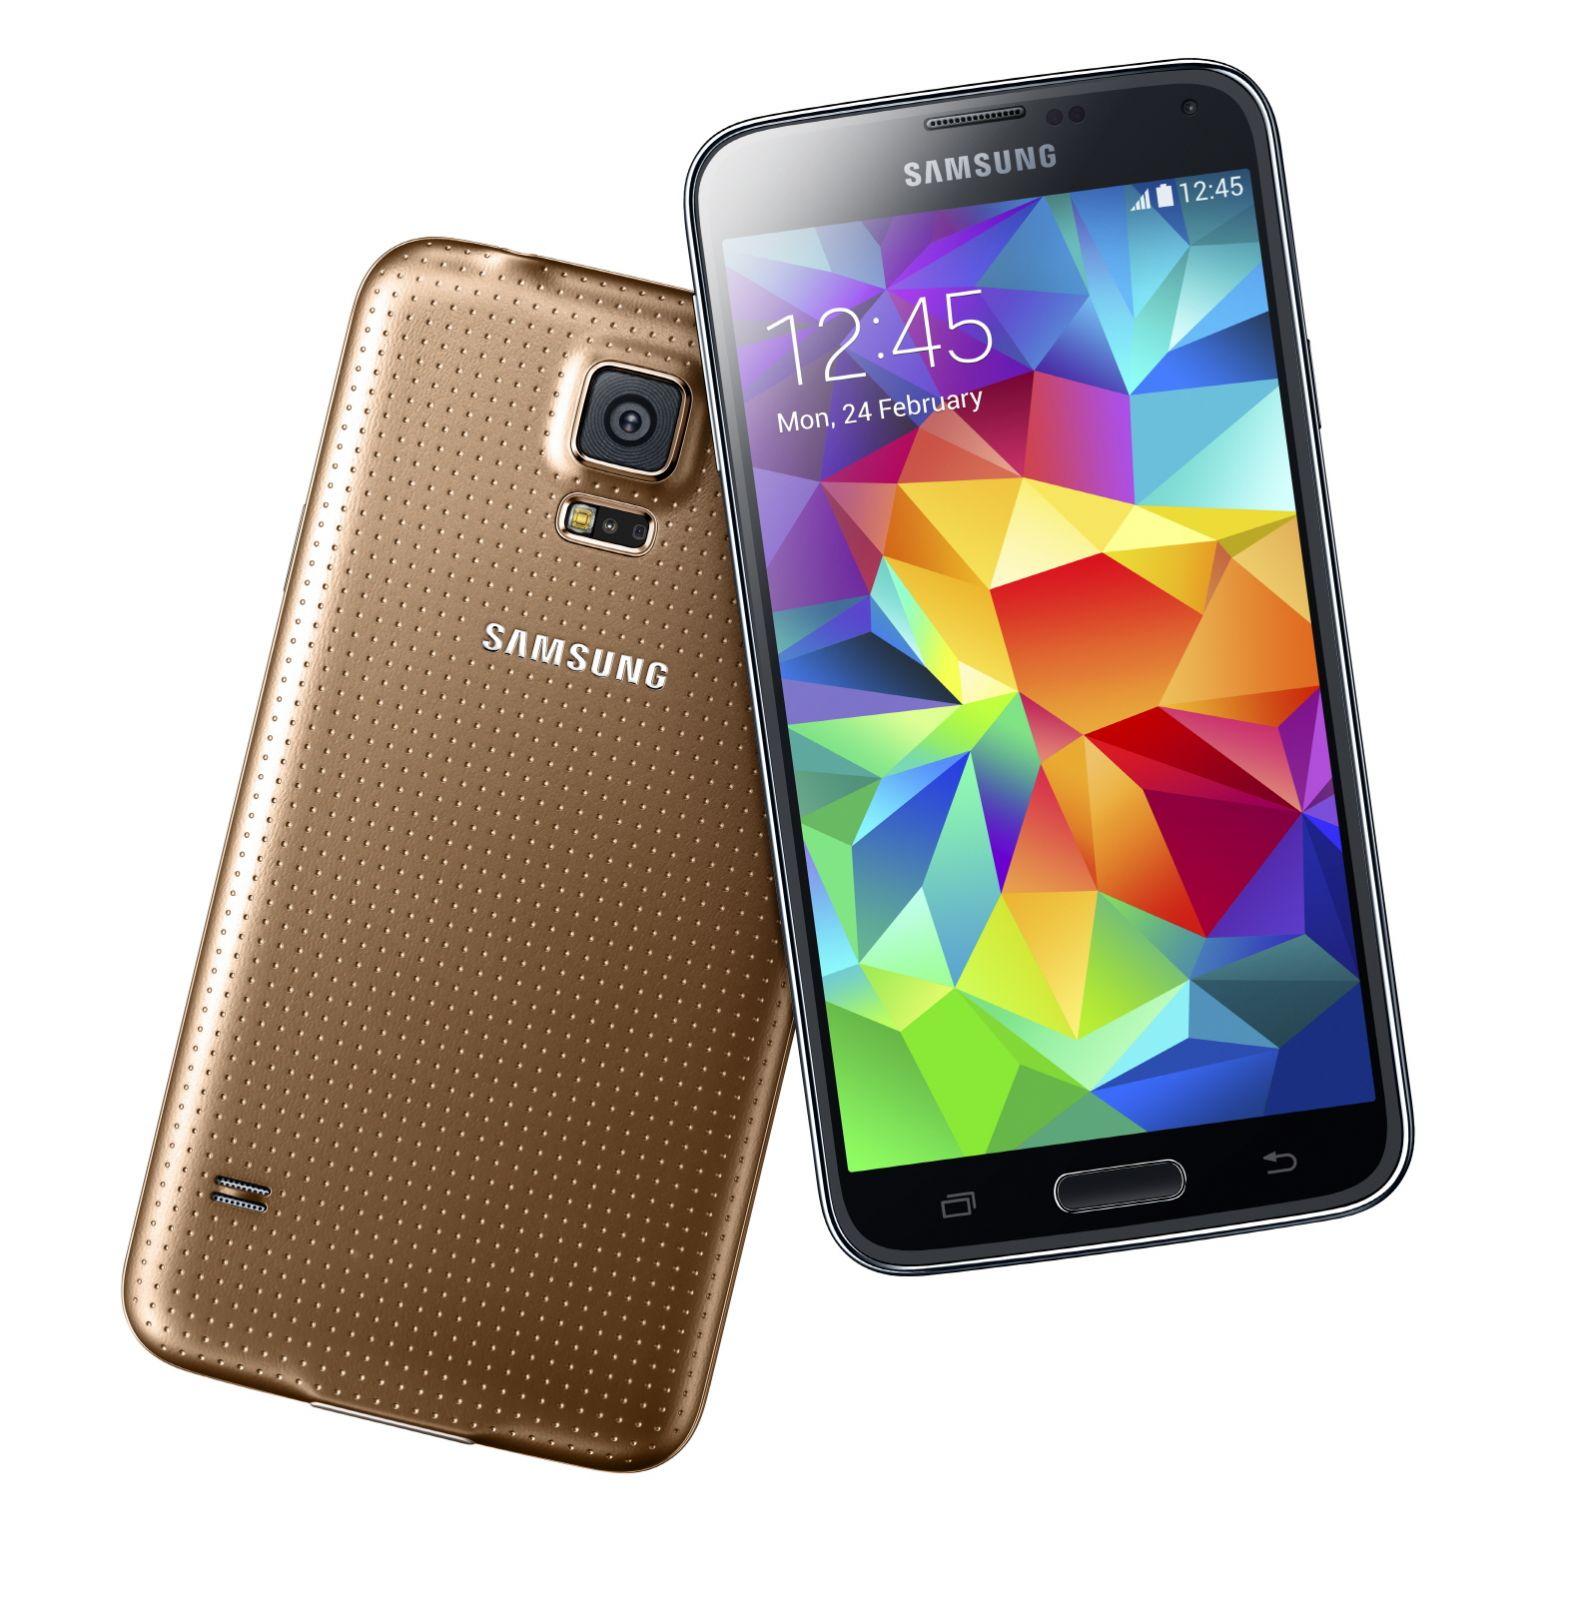 Camera foto frontala alui Galaxy S5 e peste cea de la iPhone 5S. Daca esti fan selfie-uri, te intereseaza aspectul acesta.